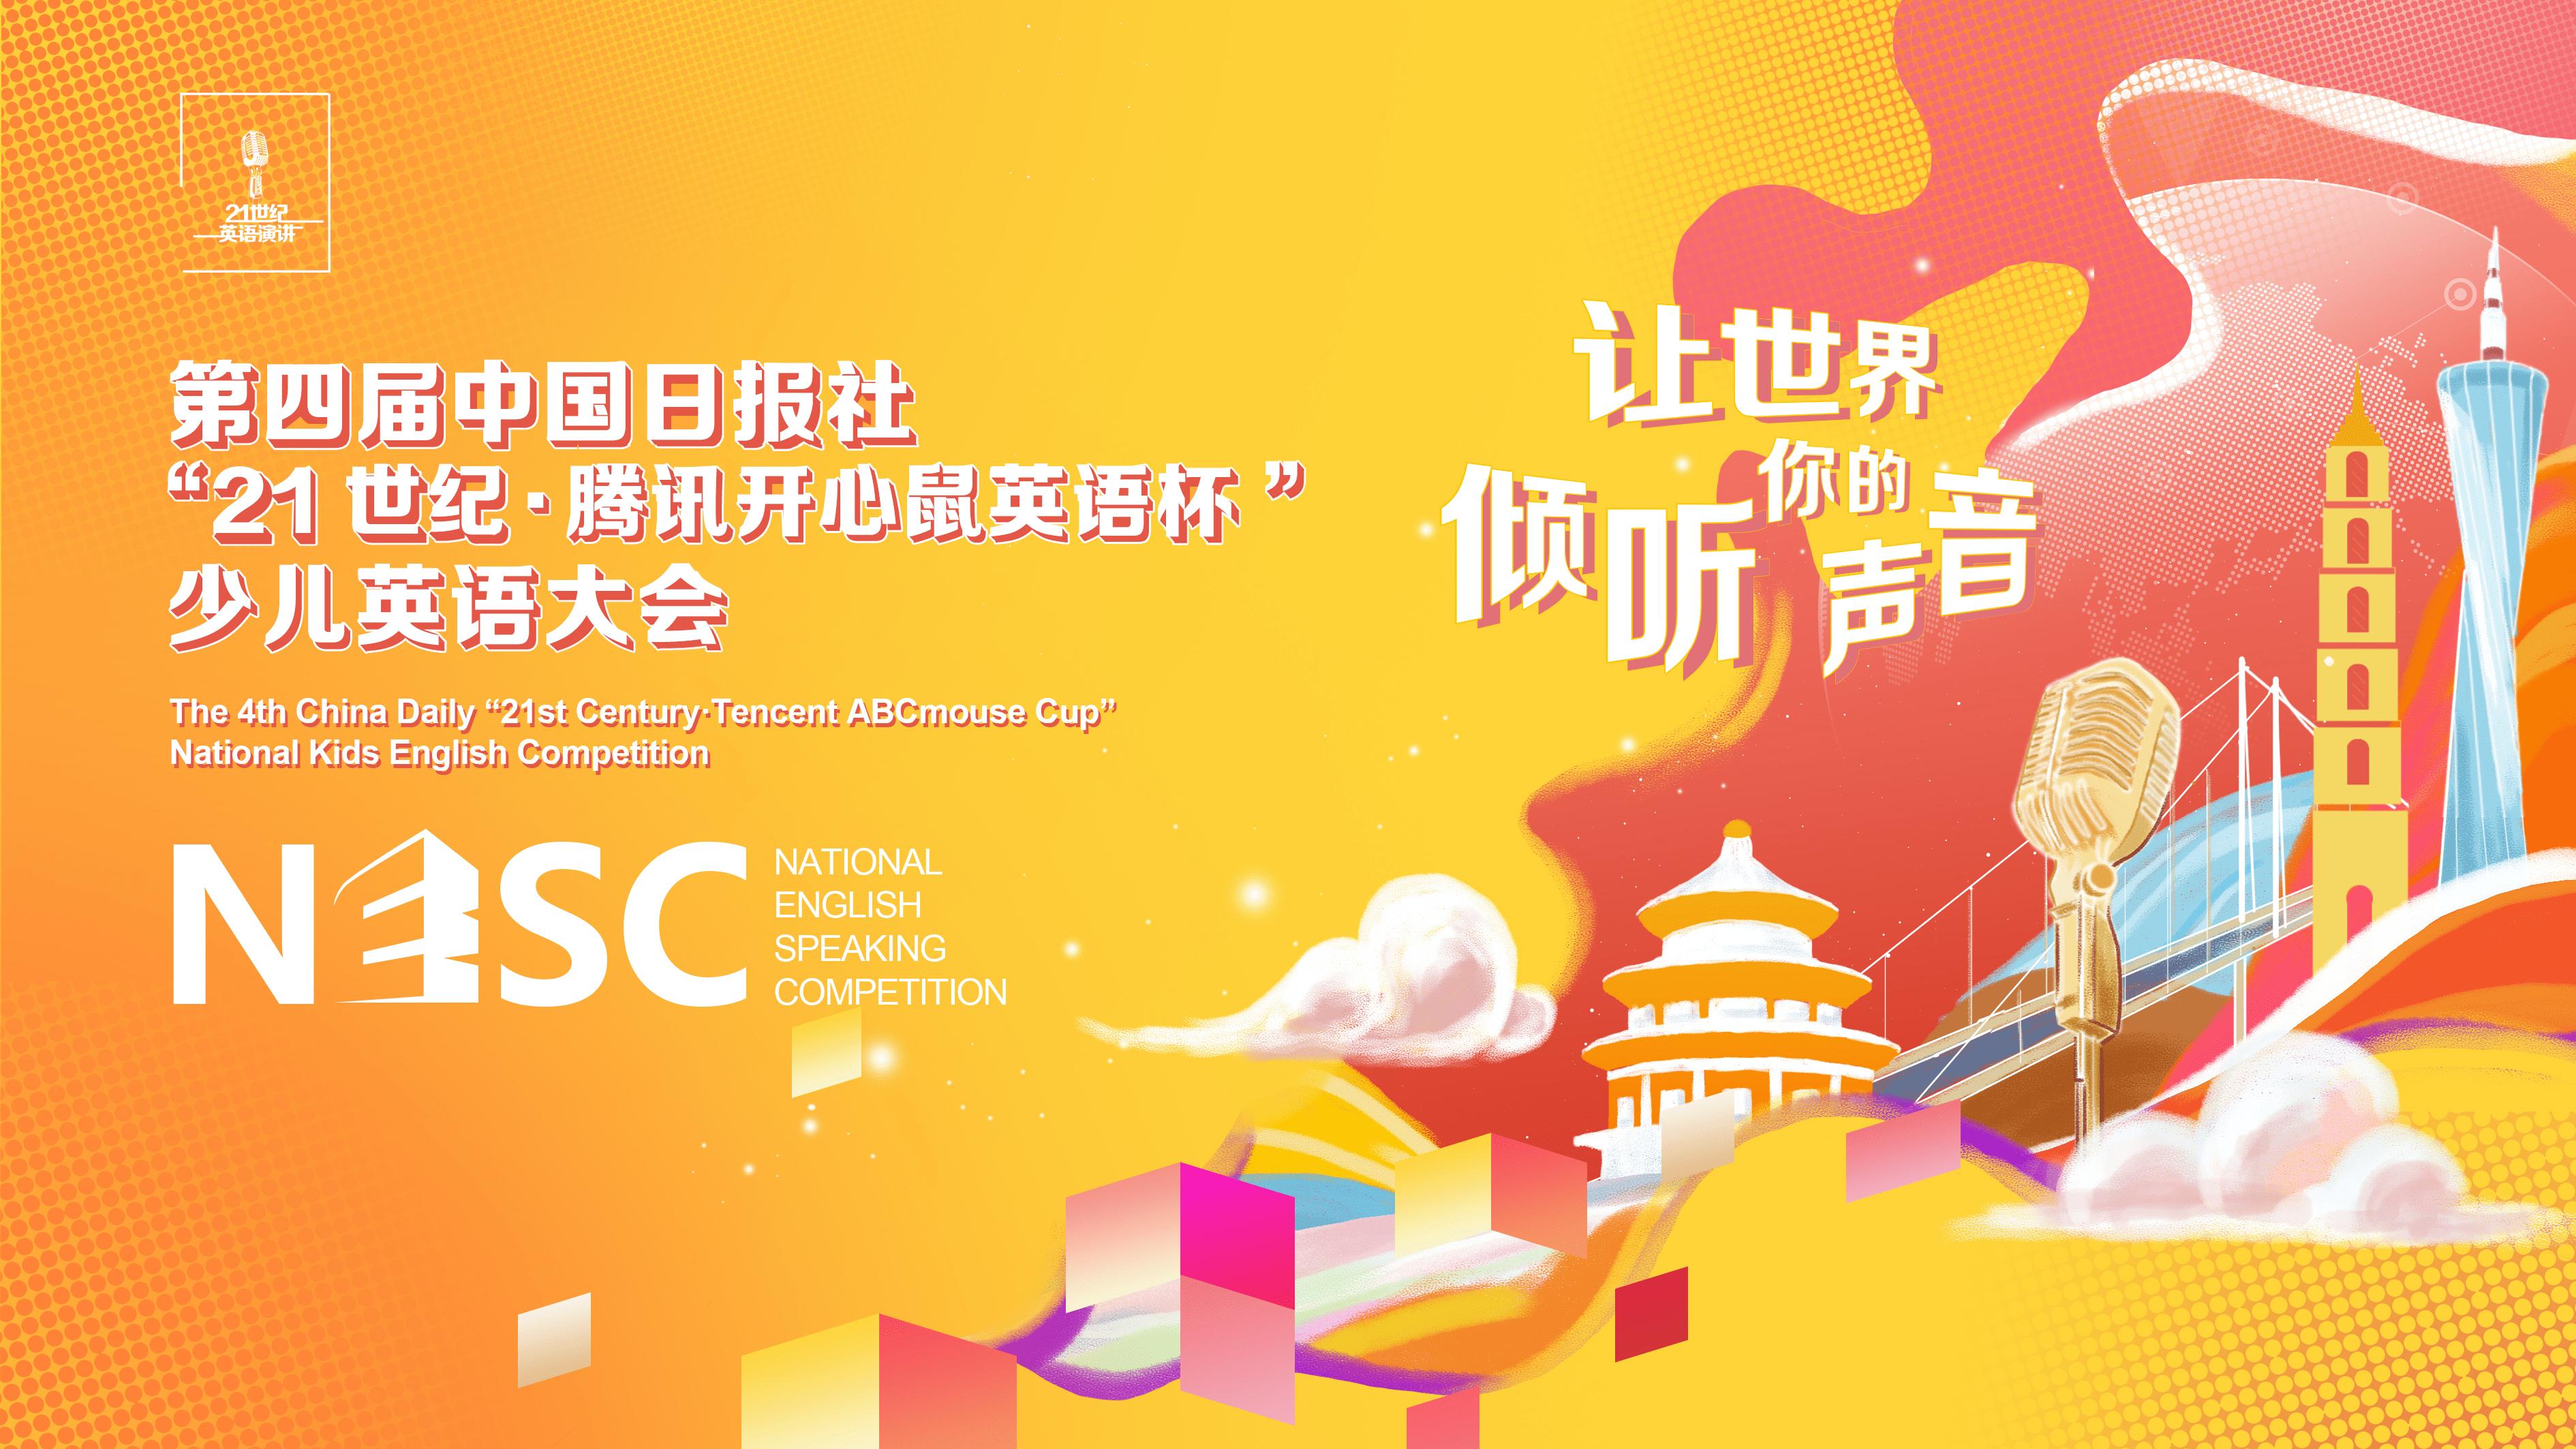 """中国日报社第四届""""21世纪·腾讯开心鼠英语杯""""少儿英语大会全国总决选"""